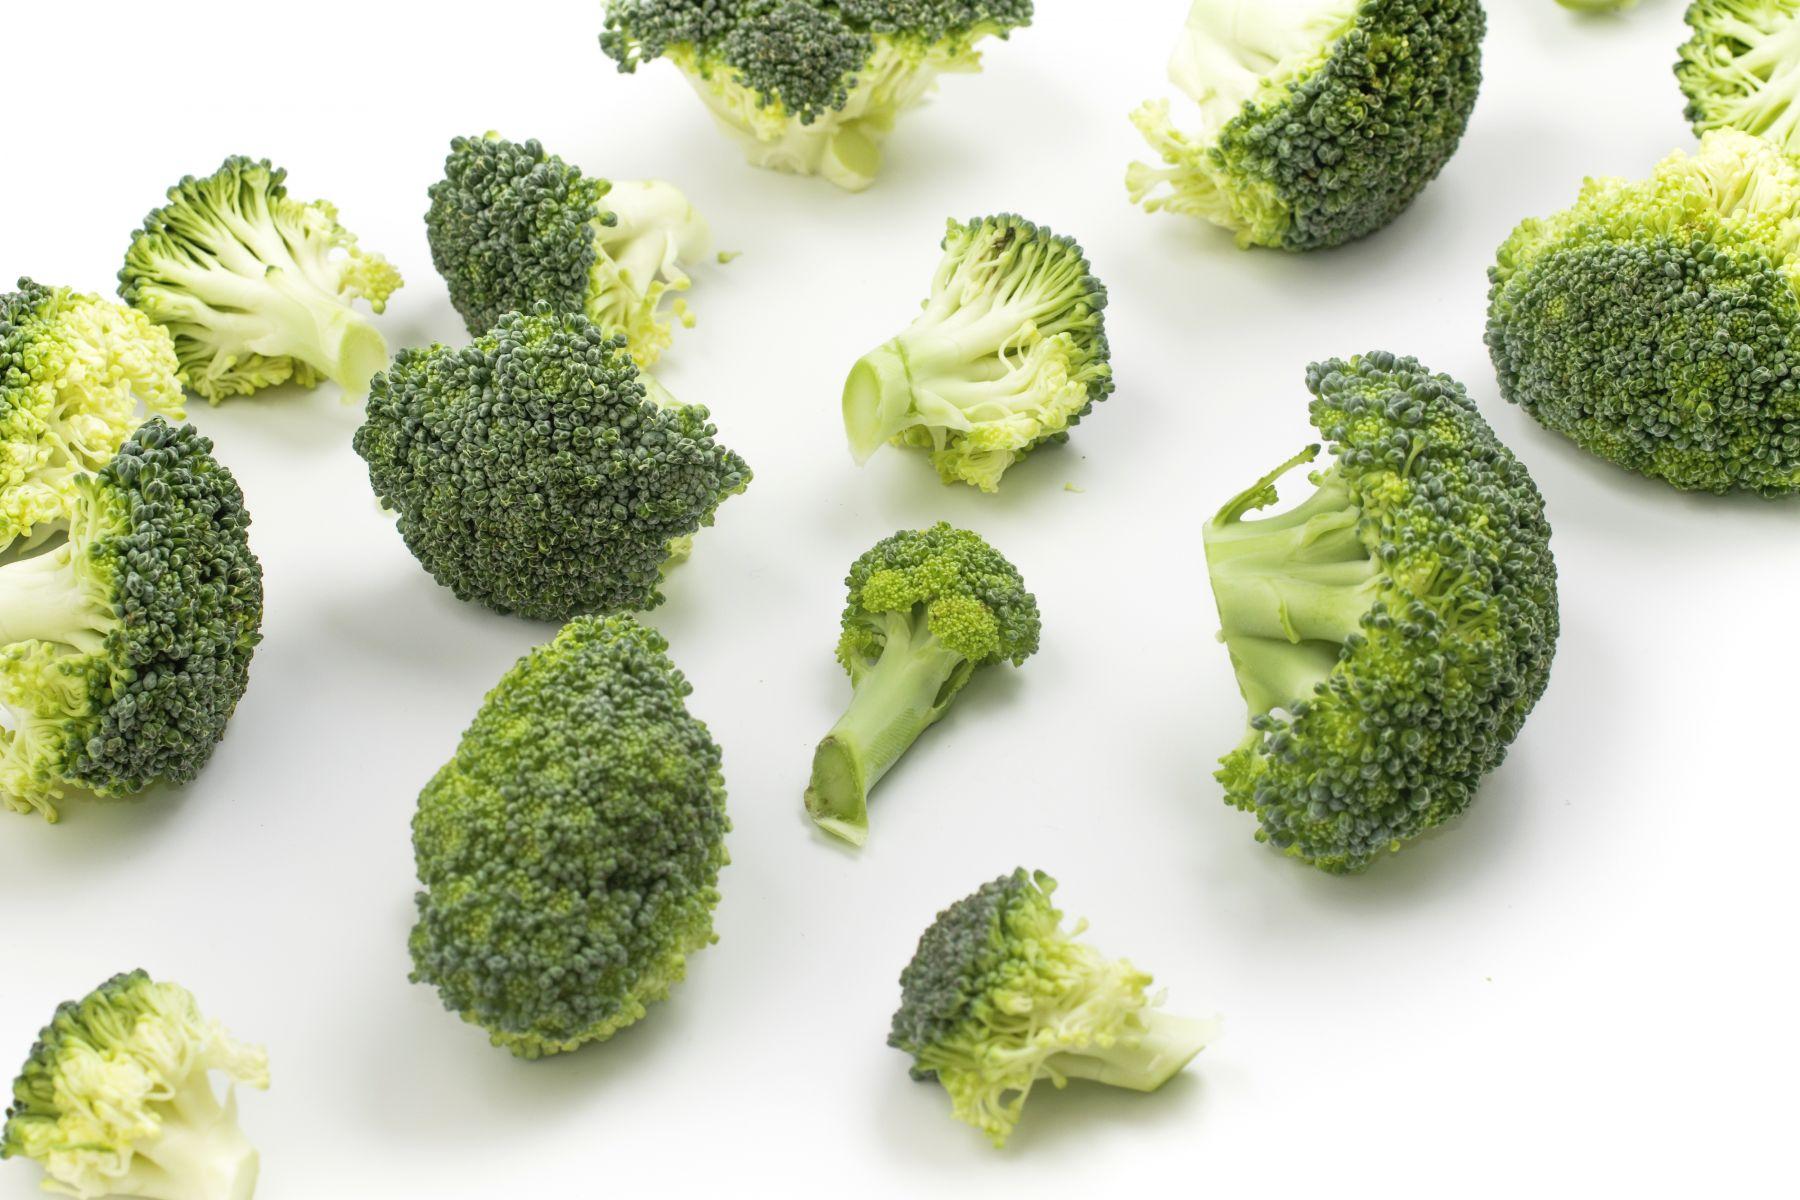 預防癌症之王!專家:綠花椰菜、優酪乳遠離大腸癌有幫助